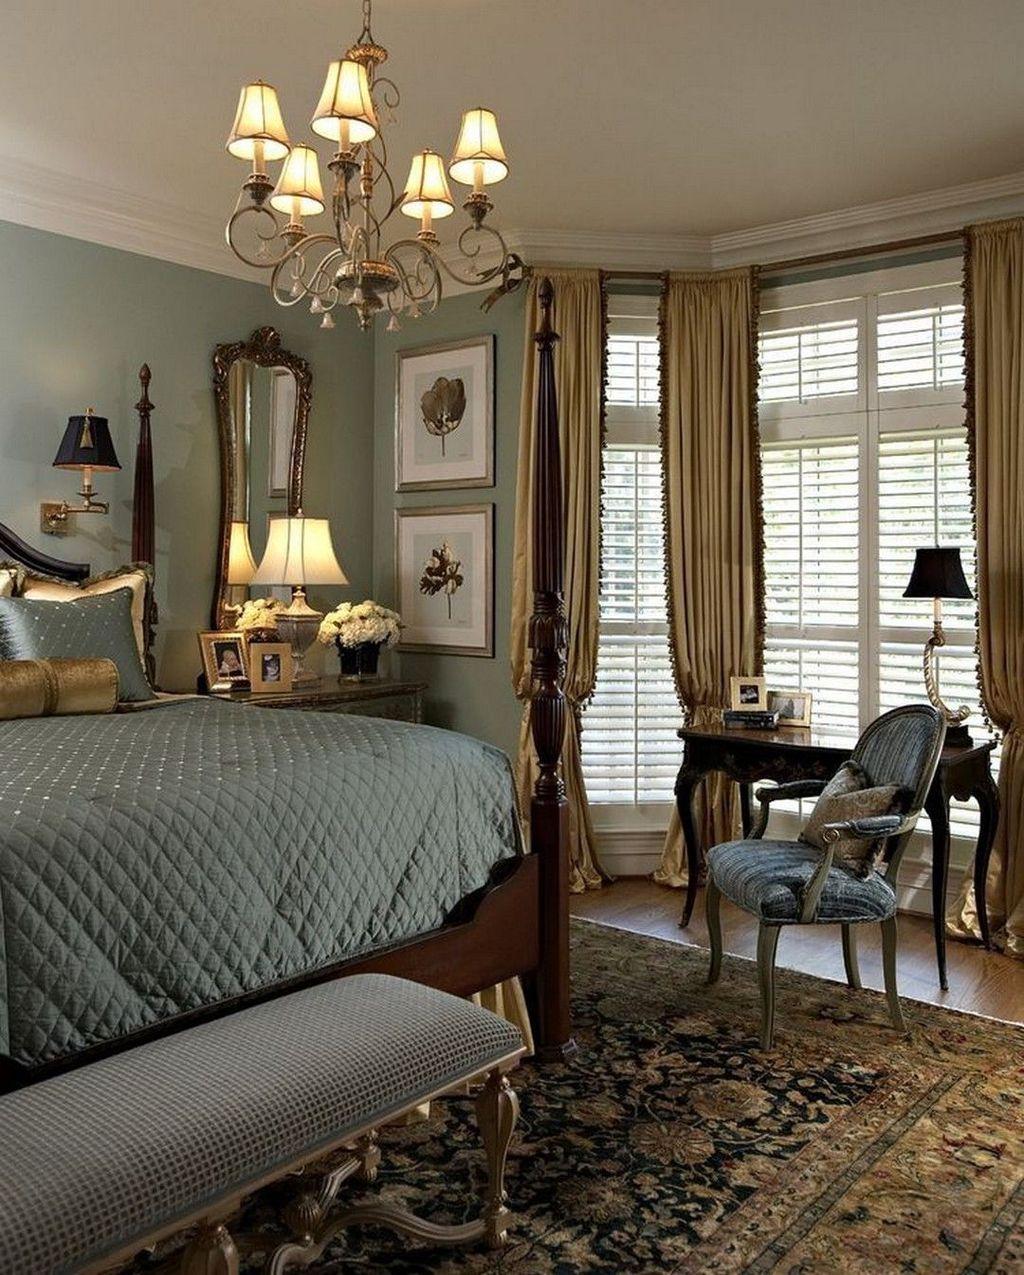 Inspiring Traditional Bedroom Decor Ideas 13